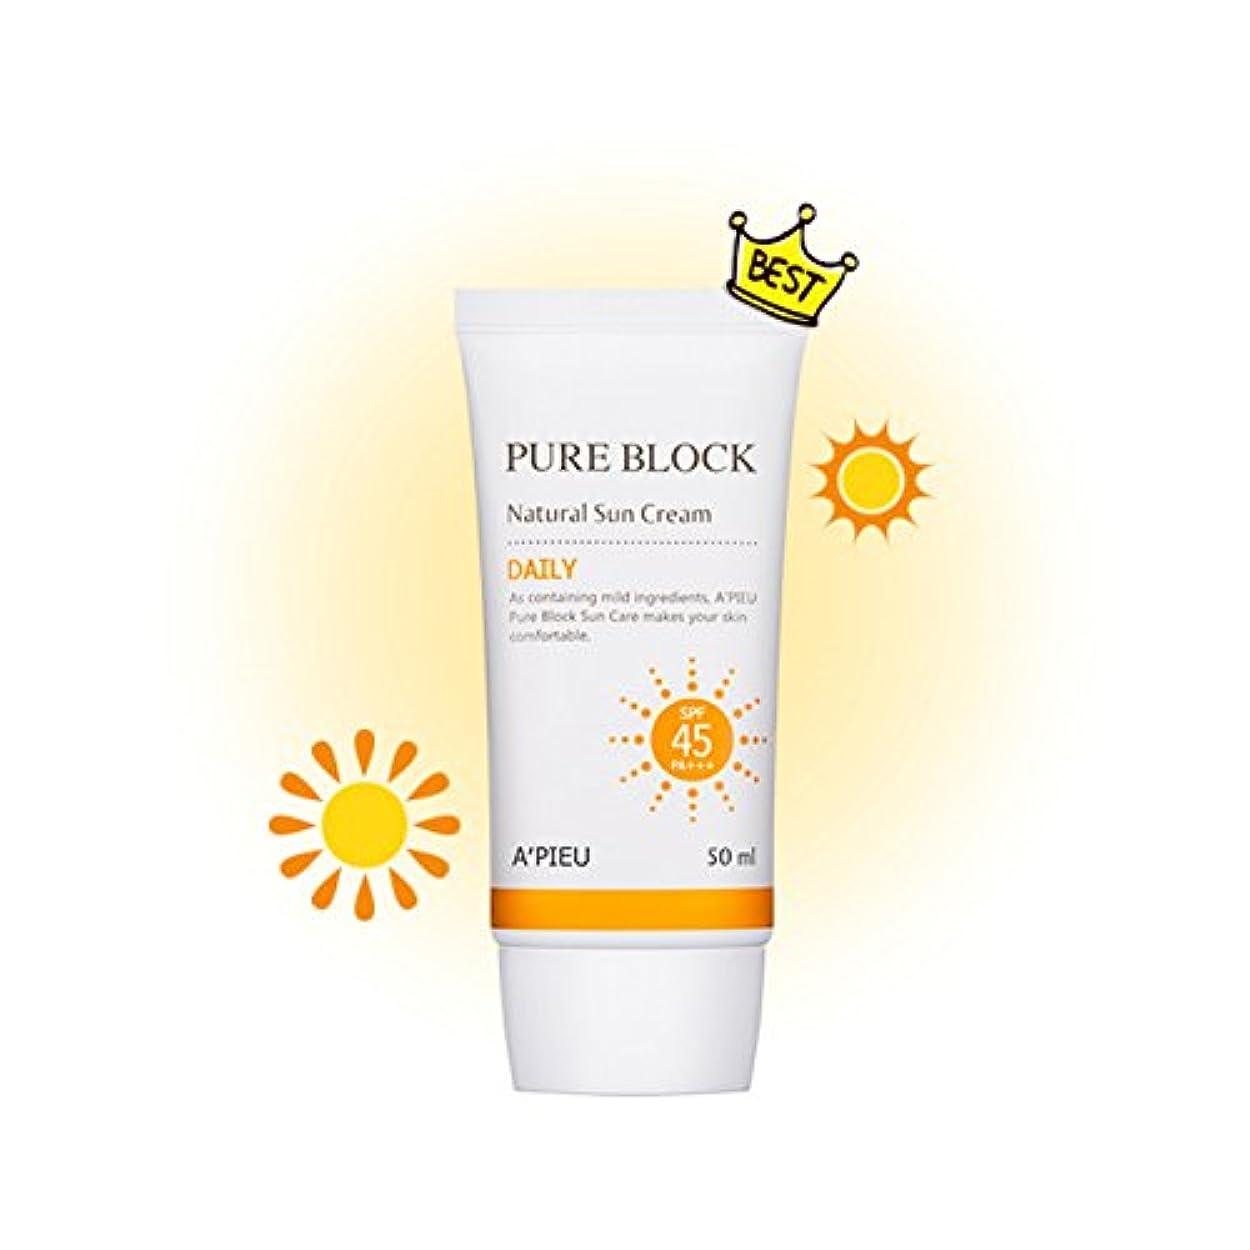 強化プレゼンター直感[オピュ] A'PIEU ピュアブロックナチュラルデイリー日焼け止め Pure Block Natural Daily Sun Cream SPF 45 PA+++ [並行輸入品]